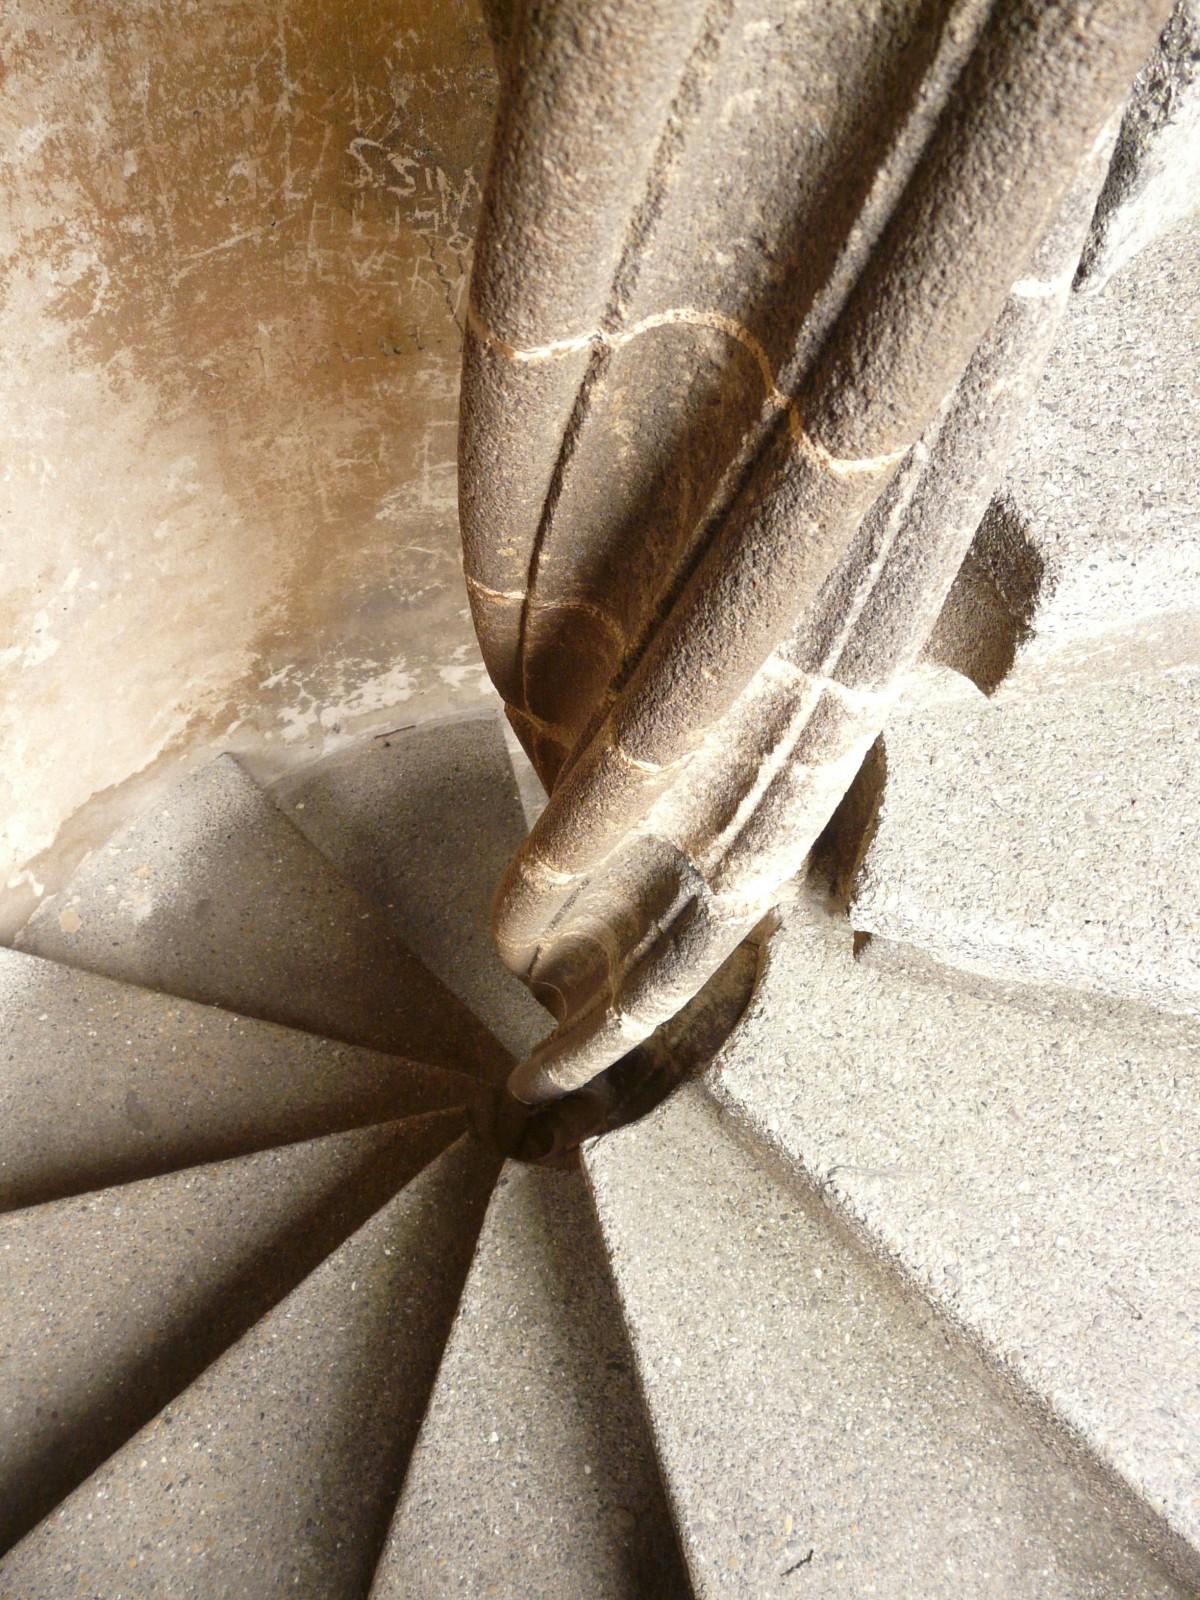 Gratis billeder : lys, arkitektur, spiralformet, linje, afstamning, belysning, vindeltrappe ...